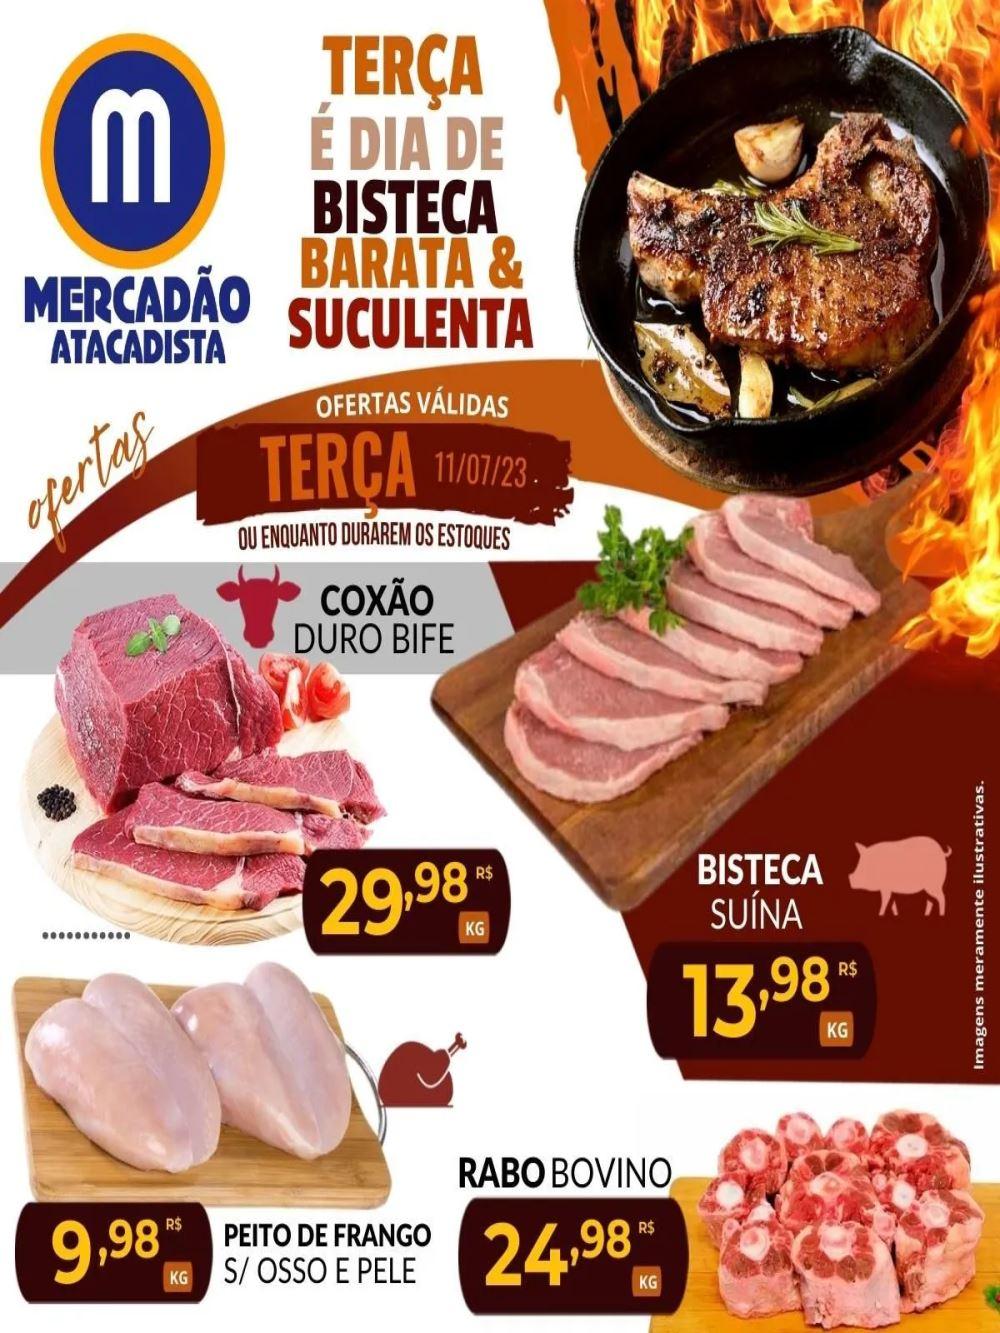 mercadao-ofertas-descontos-hoje1-63 Ofertas de supermercados